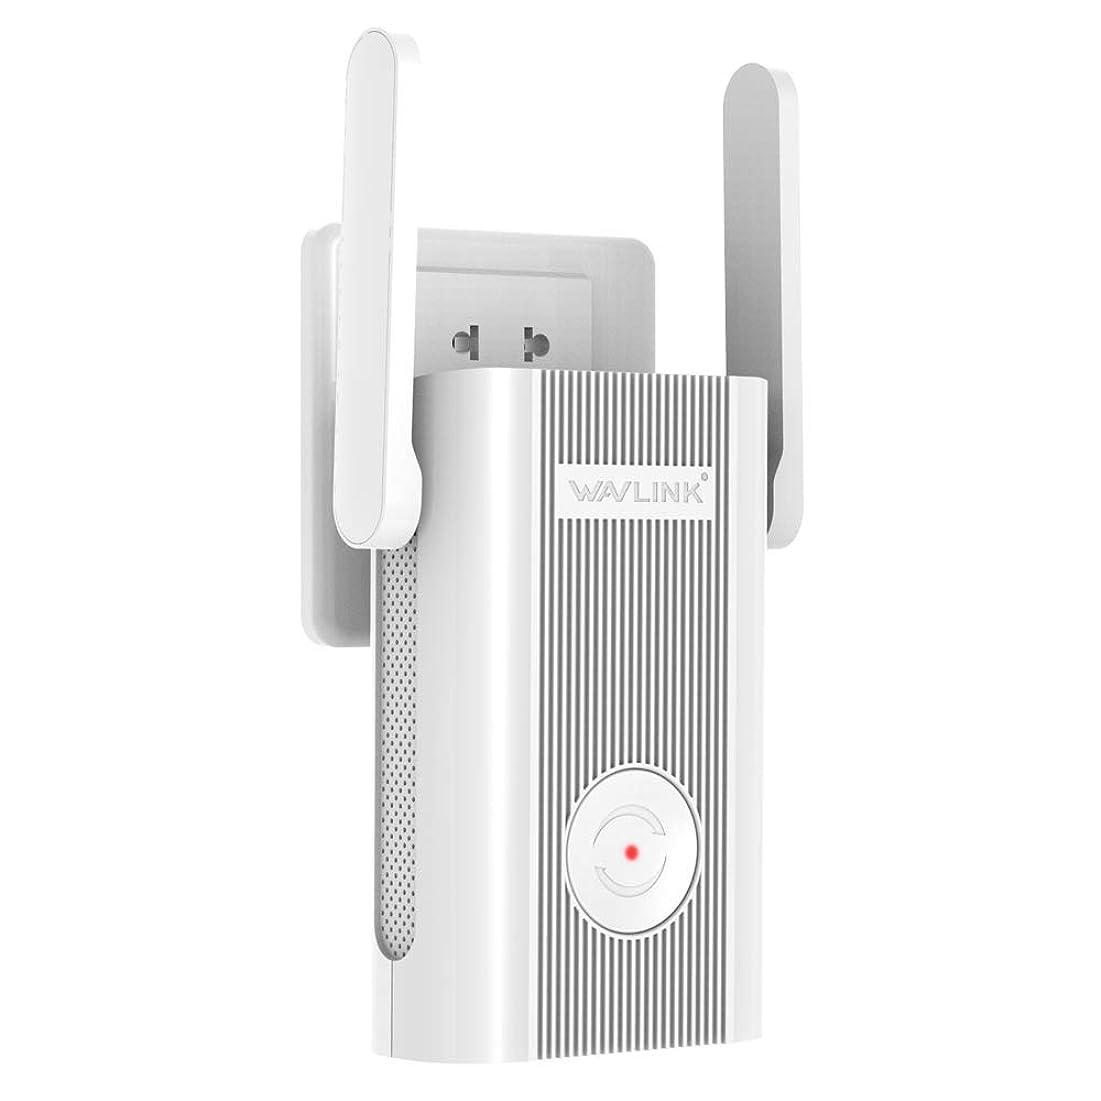 不健康協定やろうWavlink WiFi中継器 AC1200中継器 無線LAN 中継機 867 + 300Mbps ハイパワー ブリッジ搭載【強い散熱機能】 無線LAN中継機 有線LAN付き イーサネットコンバーター 3年保証